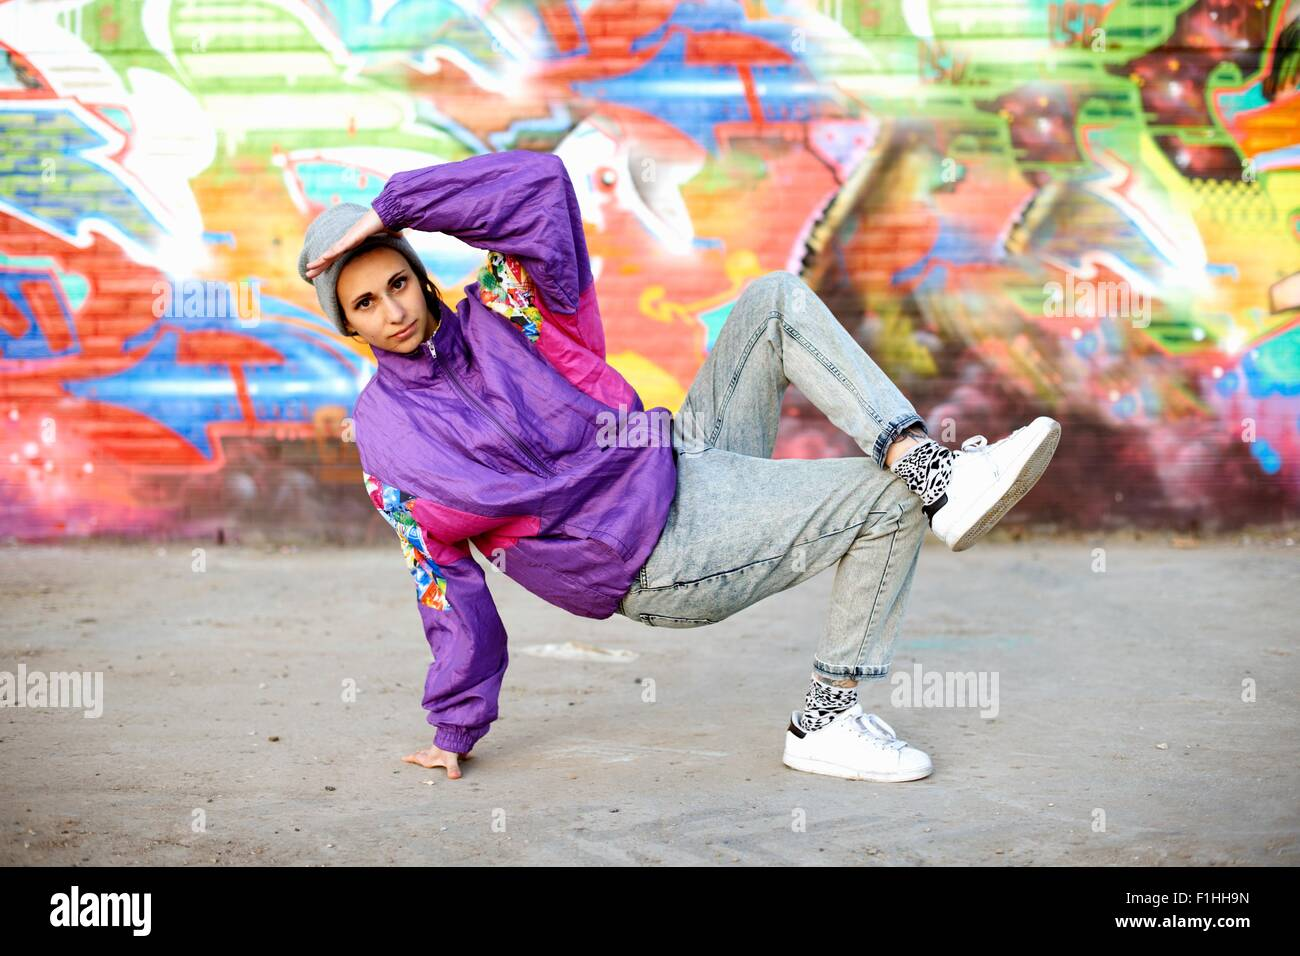 Junge Frau Breakdance Einfrieren gegen graffiti Stockbild